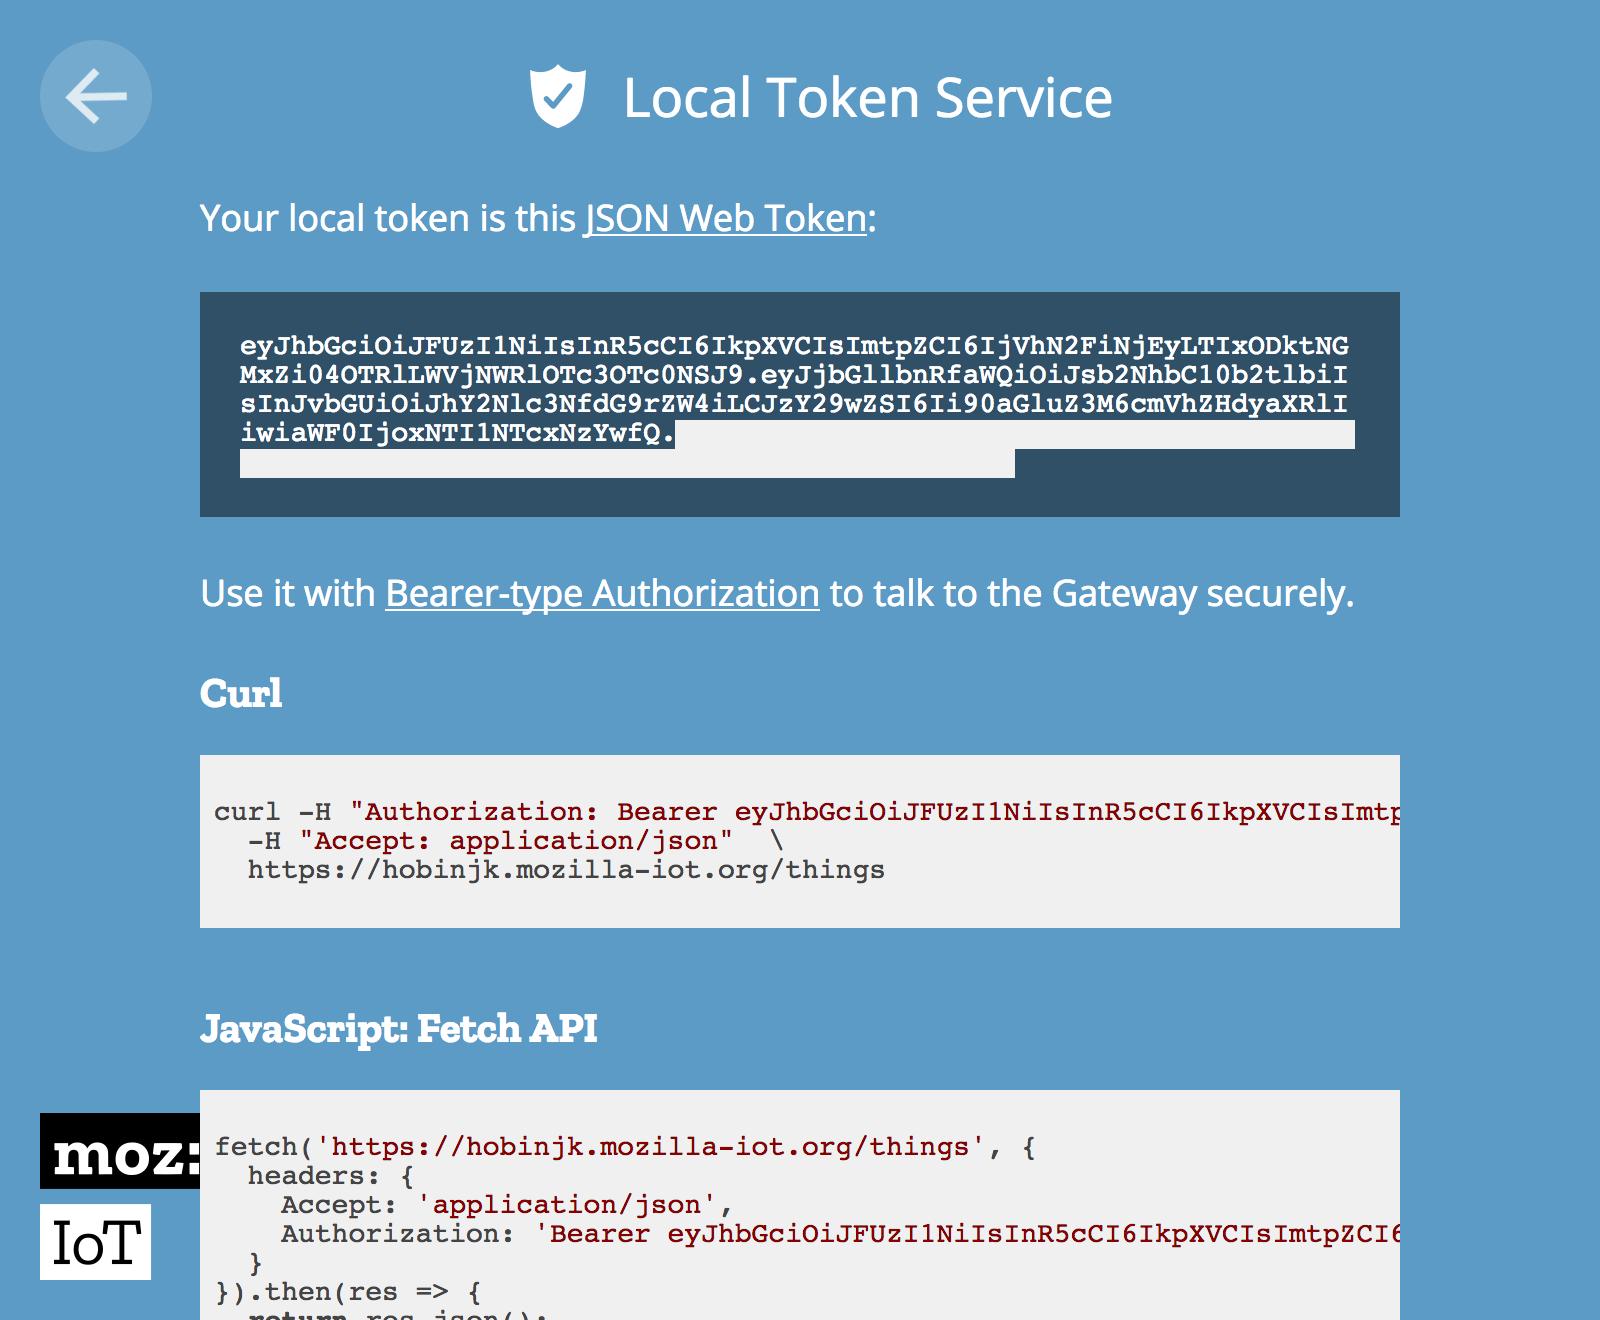 The Local Token Service